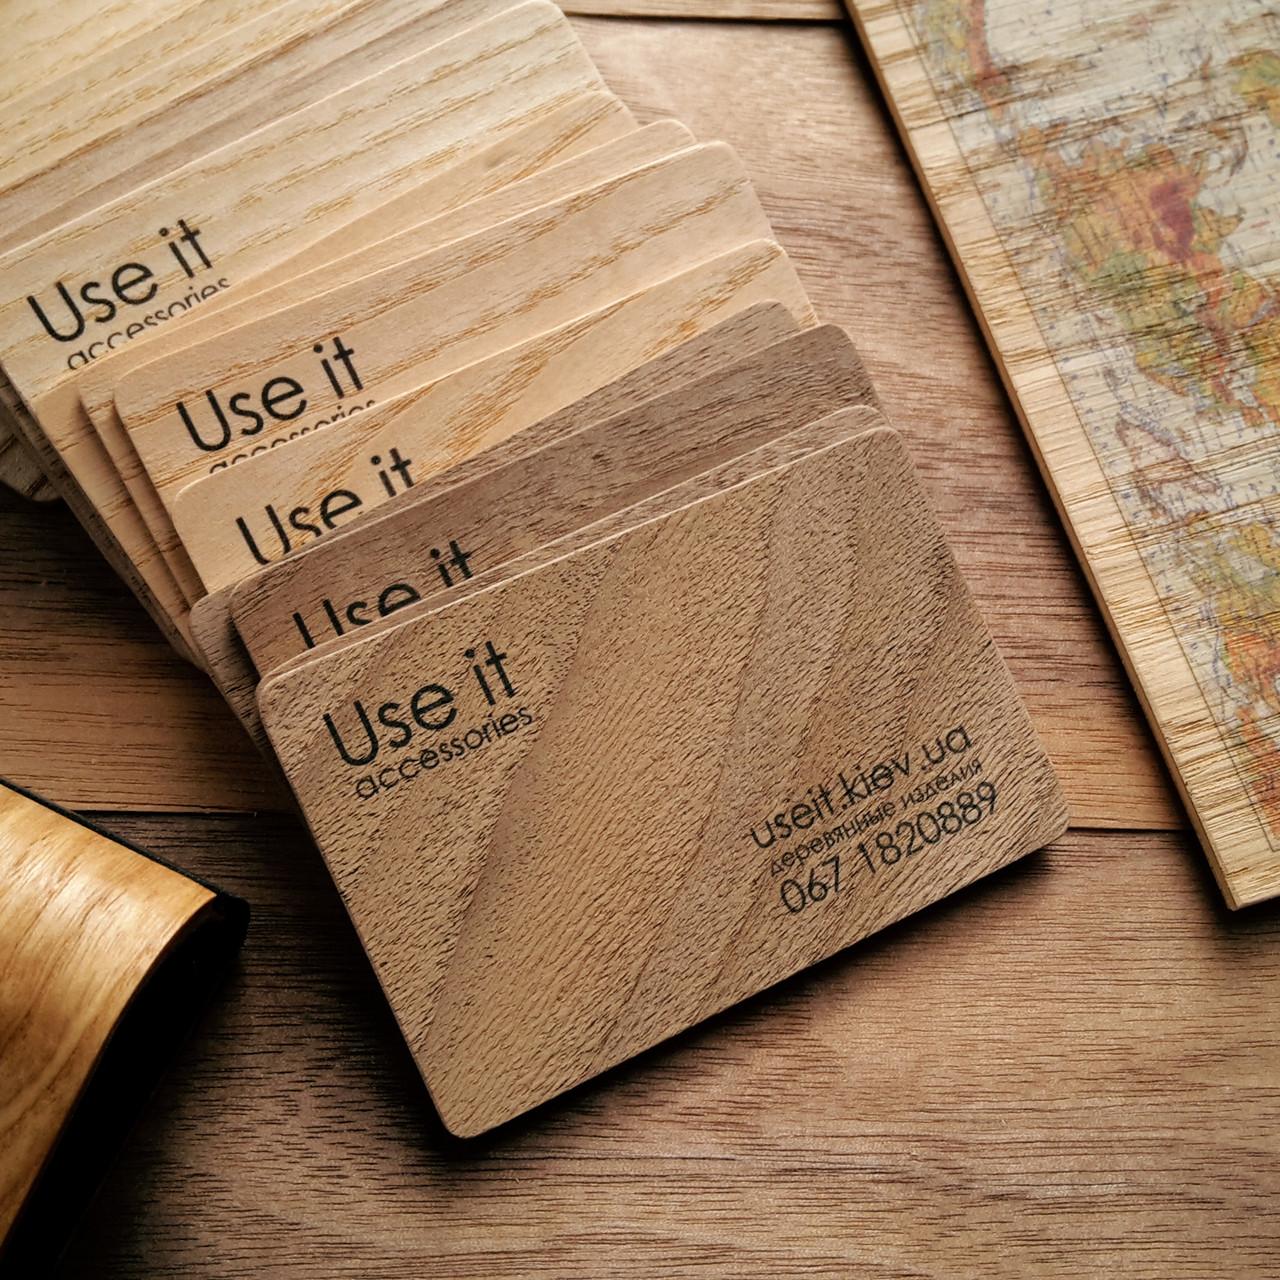 Визитки деревянные из шпона дерева с односторонней печатью